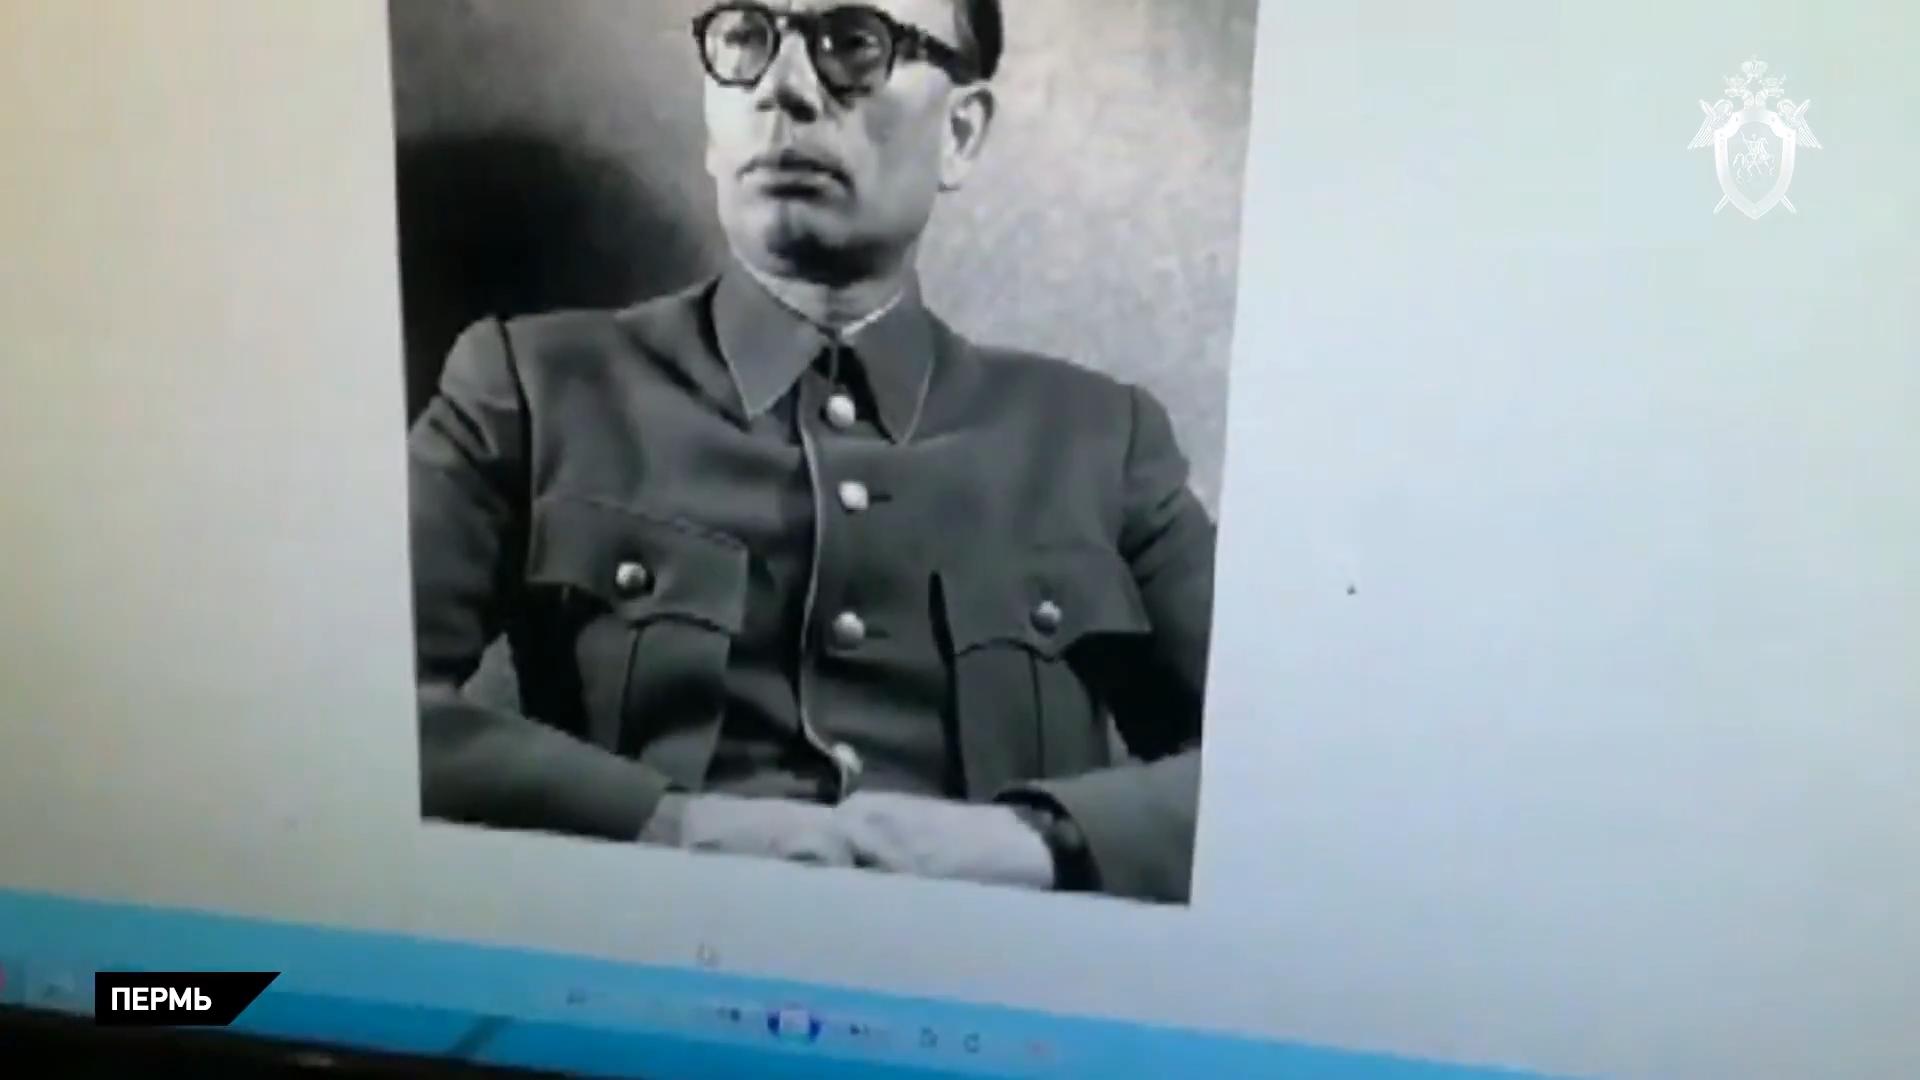 20200516-К уголовной ответственности привлечены четверо подозреваемых в реабилитации нацизма-pic31